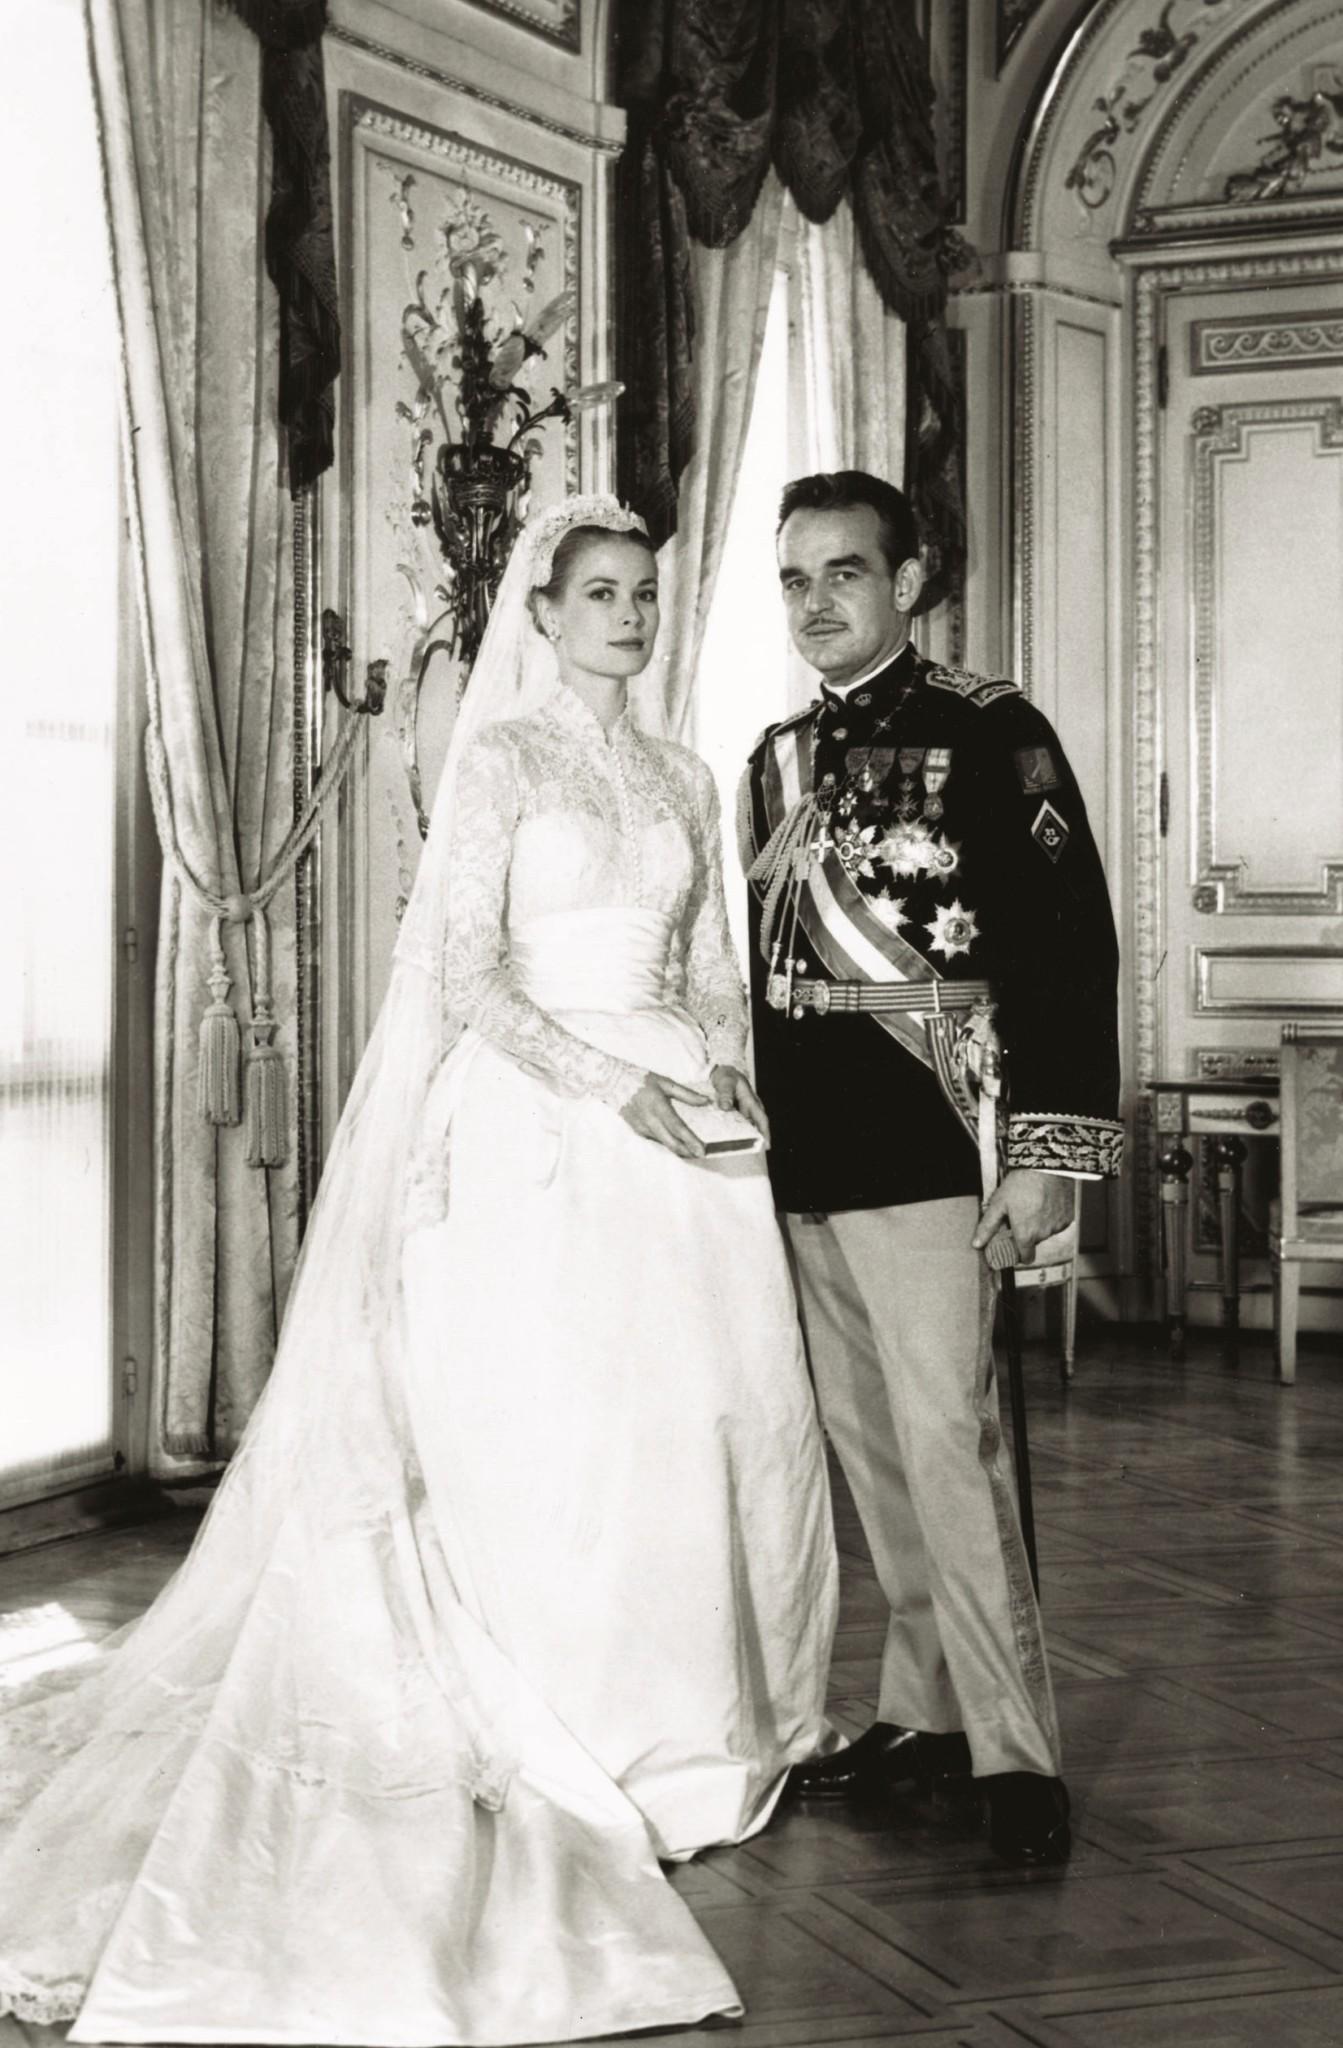 Из архивов: как выглядели королевские свадьбы 80 и 50 лет назад